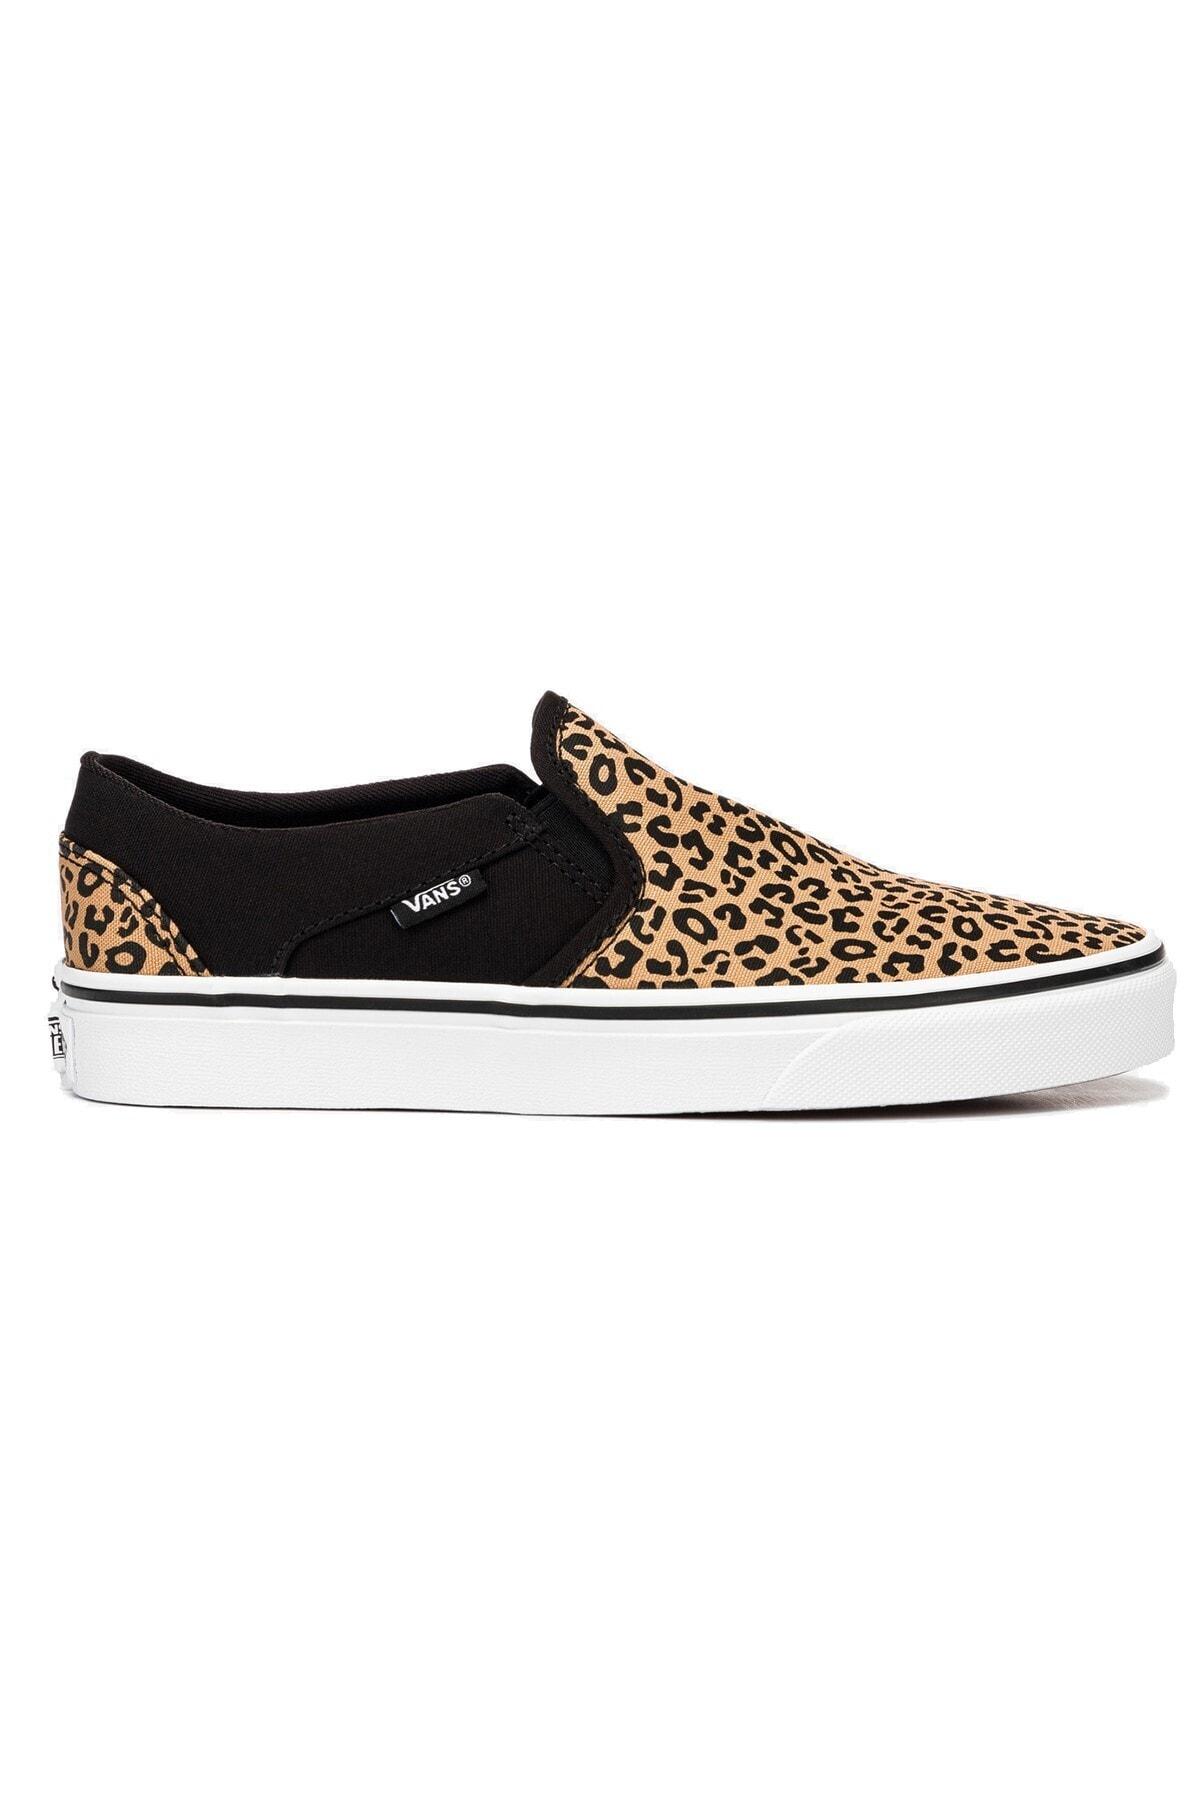 Vans WM ASHER Siyah Kadın Sneaker Ayakkabı 101096580 1